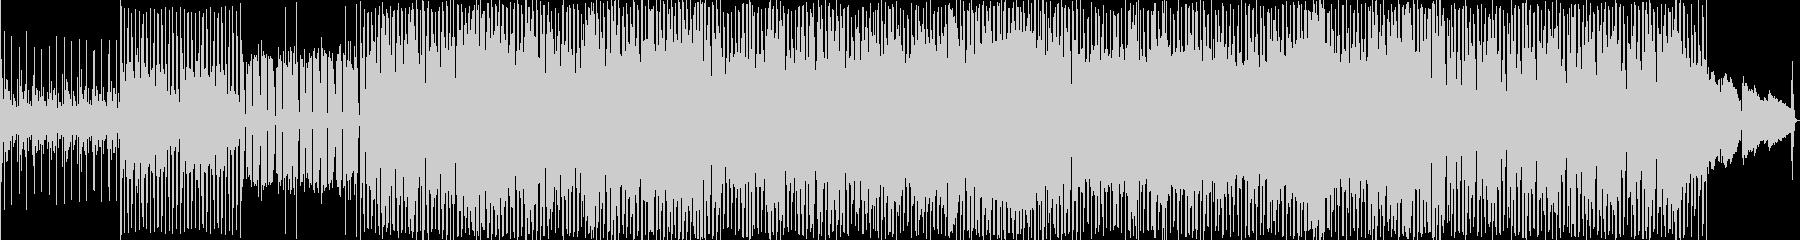 グルーヴ感のある軽快な楽曲です。スピー…の未再生の波形